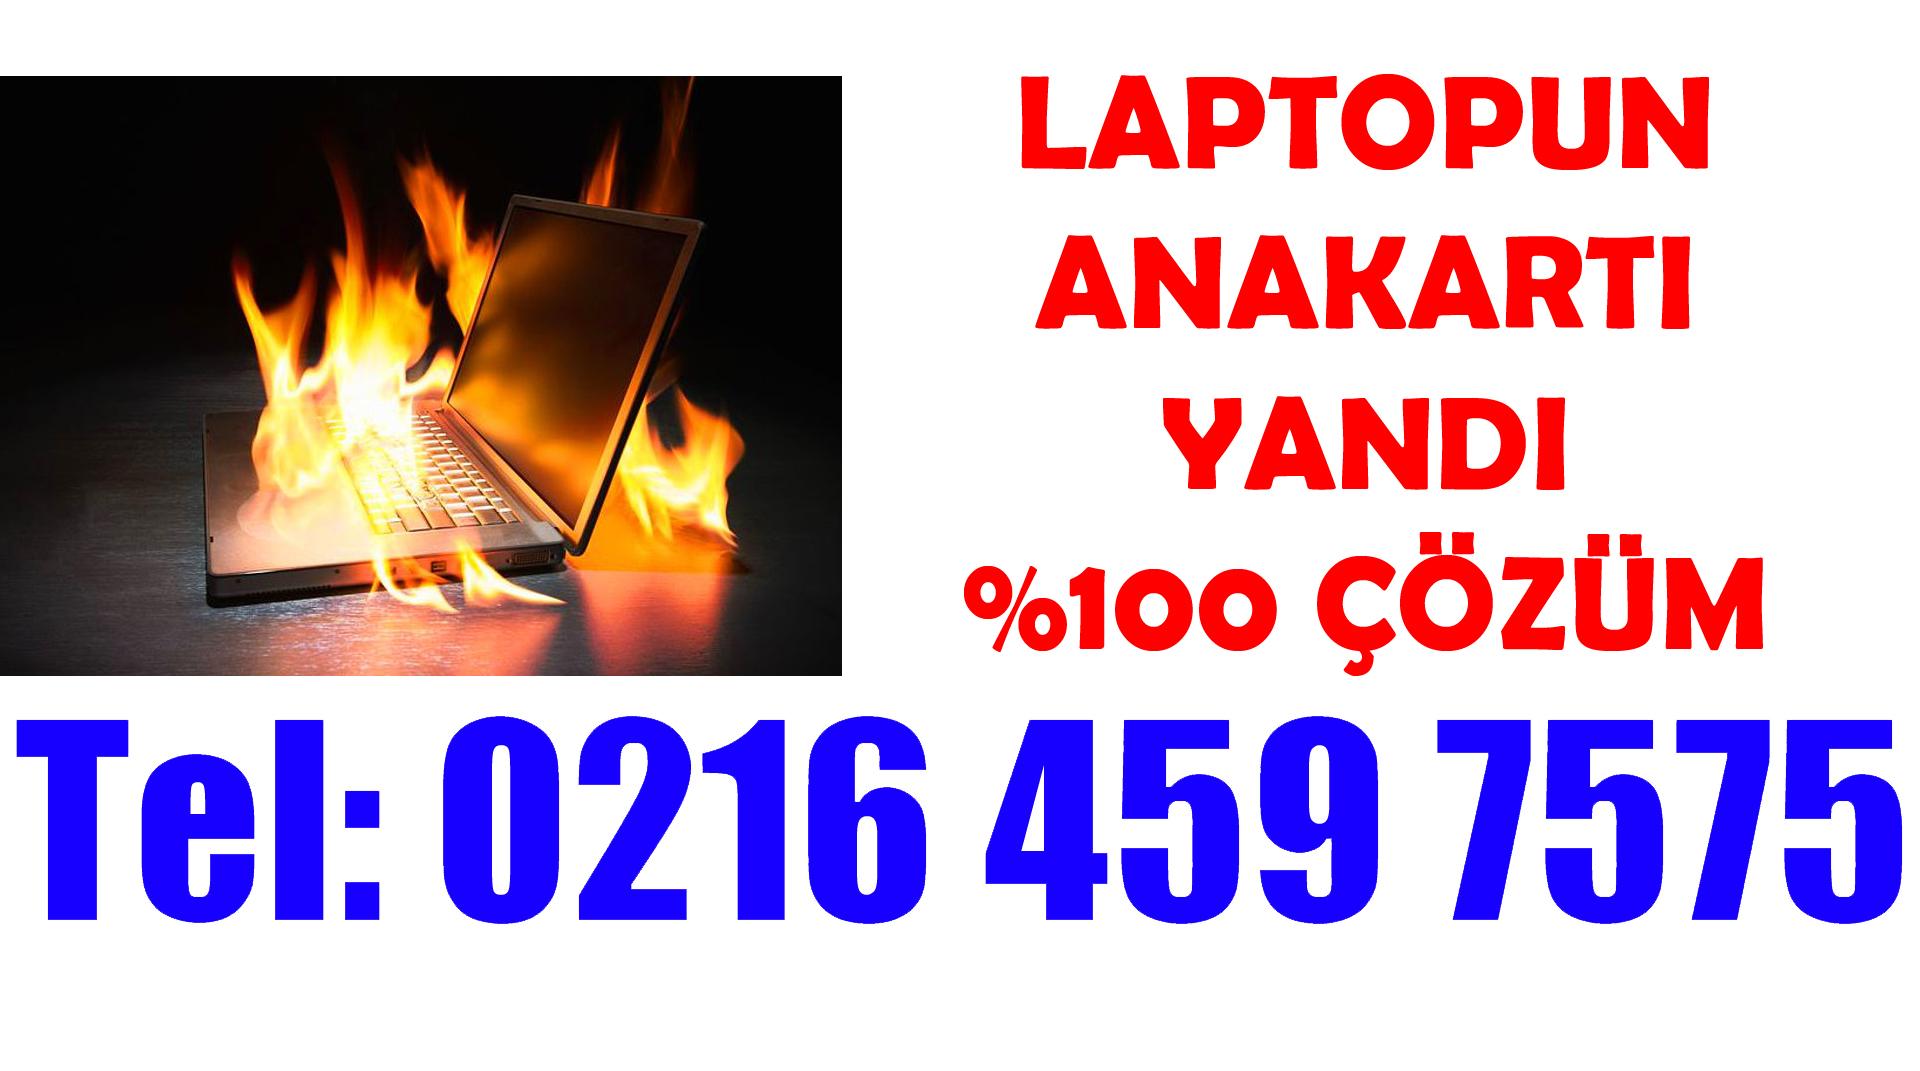 Laptop Anakart Yandı